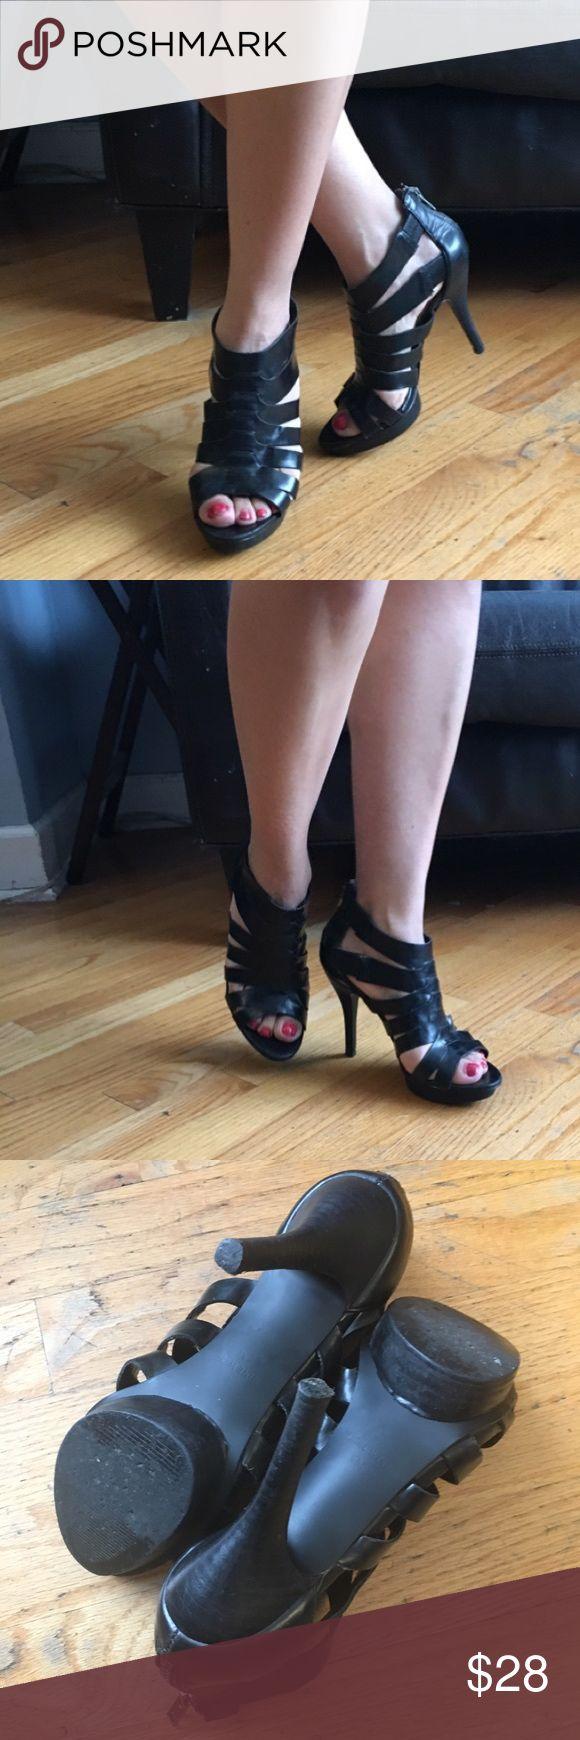 """Nine West Heels Very cute Black heel. Back zipper. In good condition. Heel height approx """"4""""in. Platform height approx """"3/4""""in. Size 6M. Nine West Shoes Heels"""